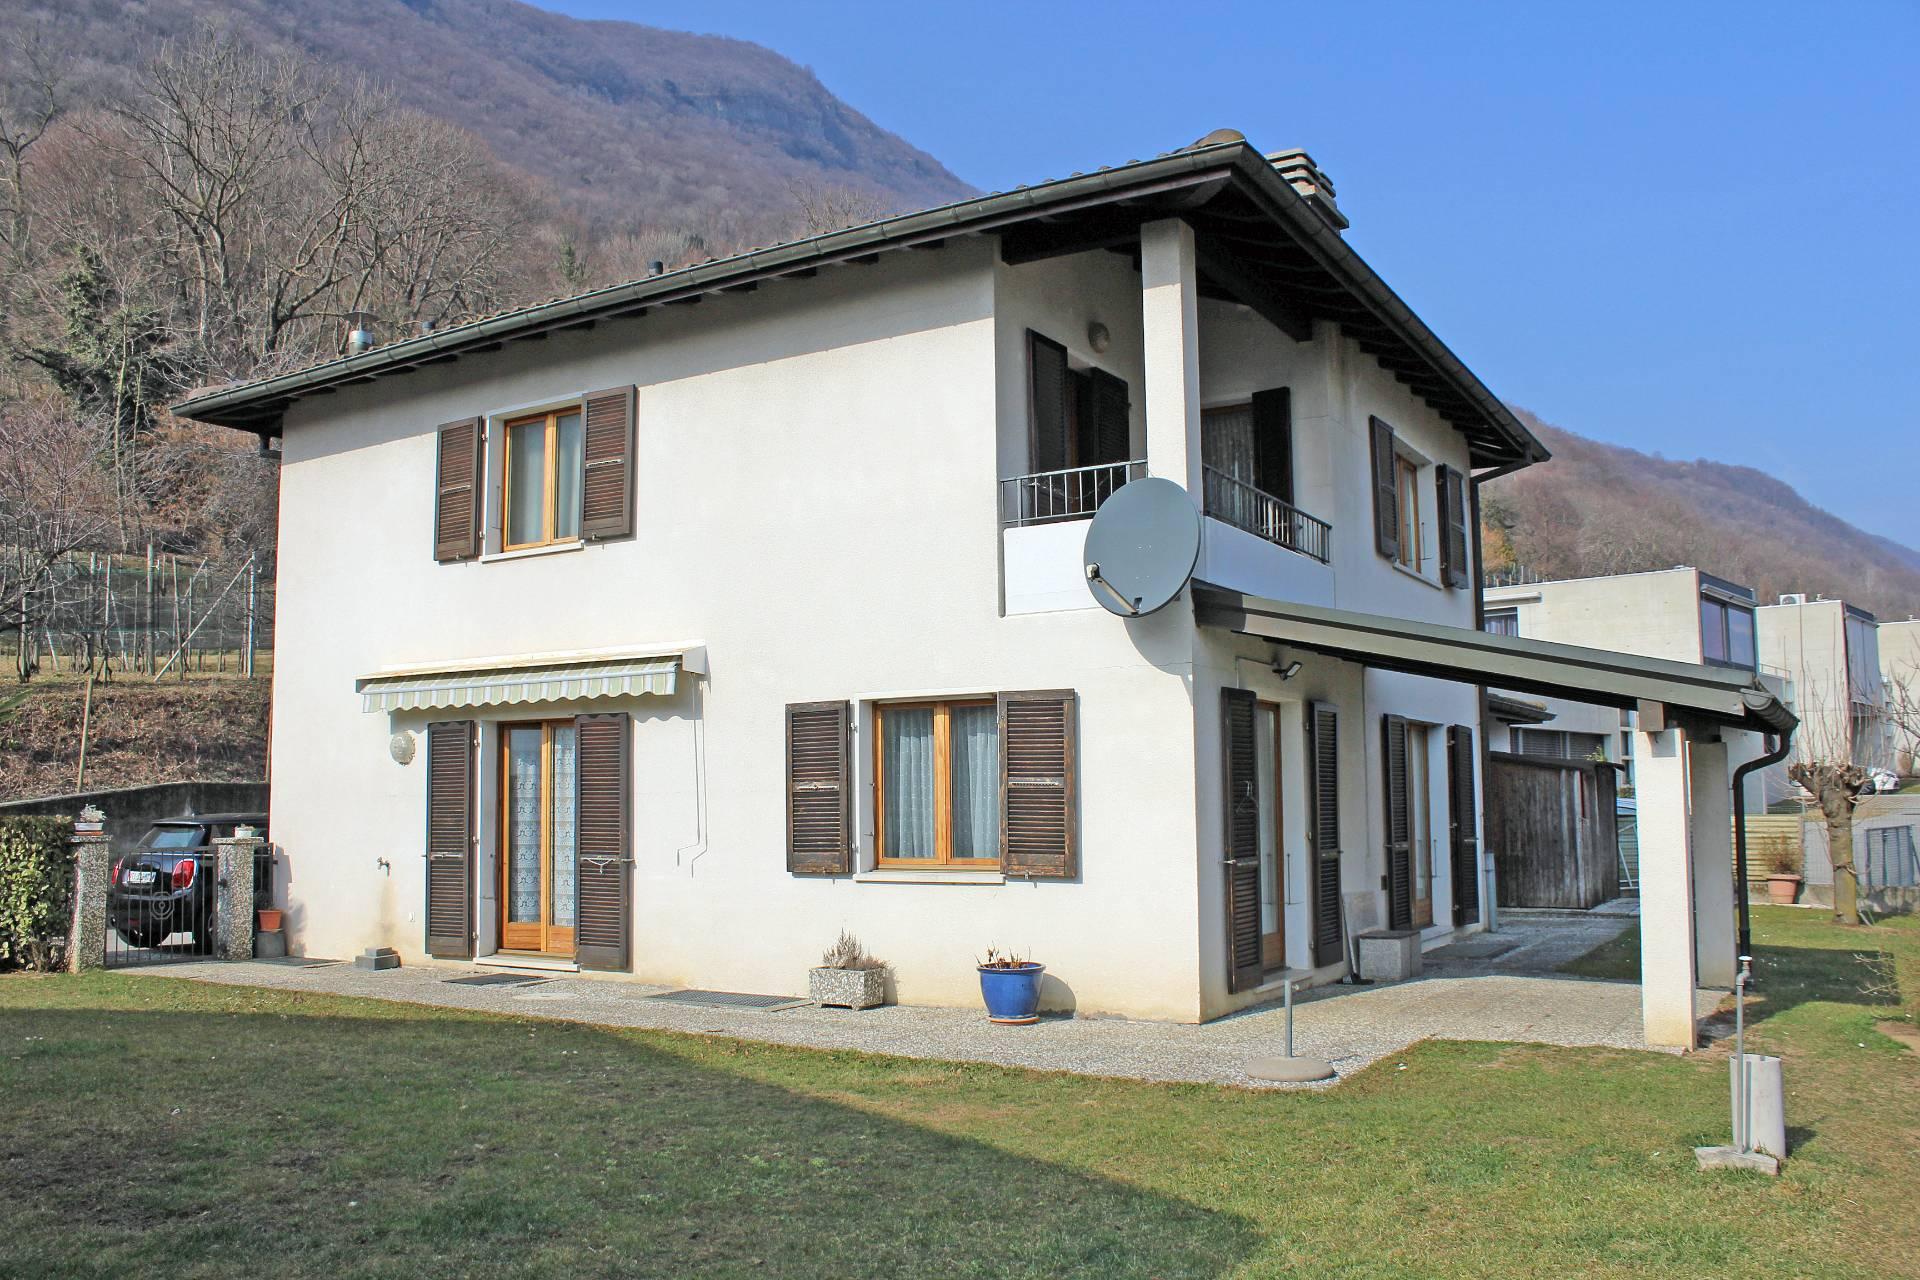 Spazio Vitale Studio Immobiliare vendita casa singola svizzera distretto di mendrisio riva